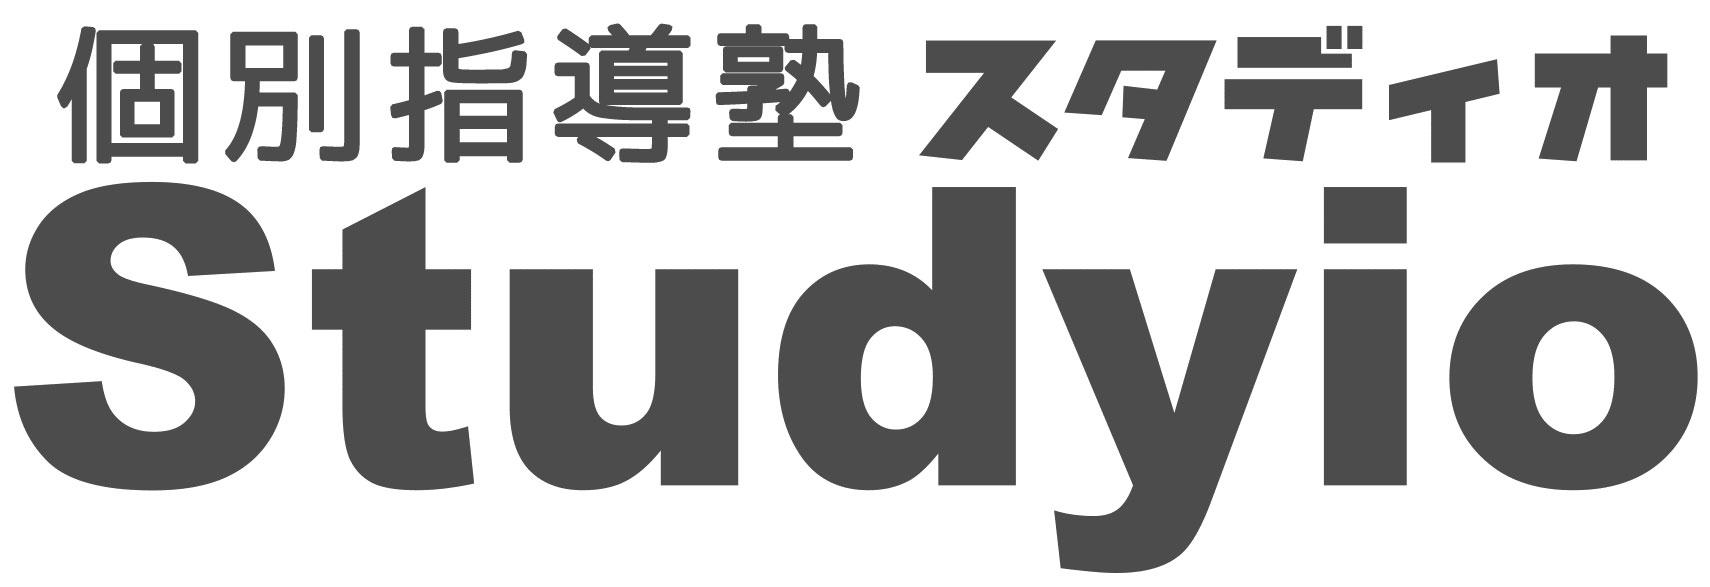 淵野辺・共和の成績保証のある個別指導塾 Studyio 【スタディオ】